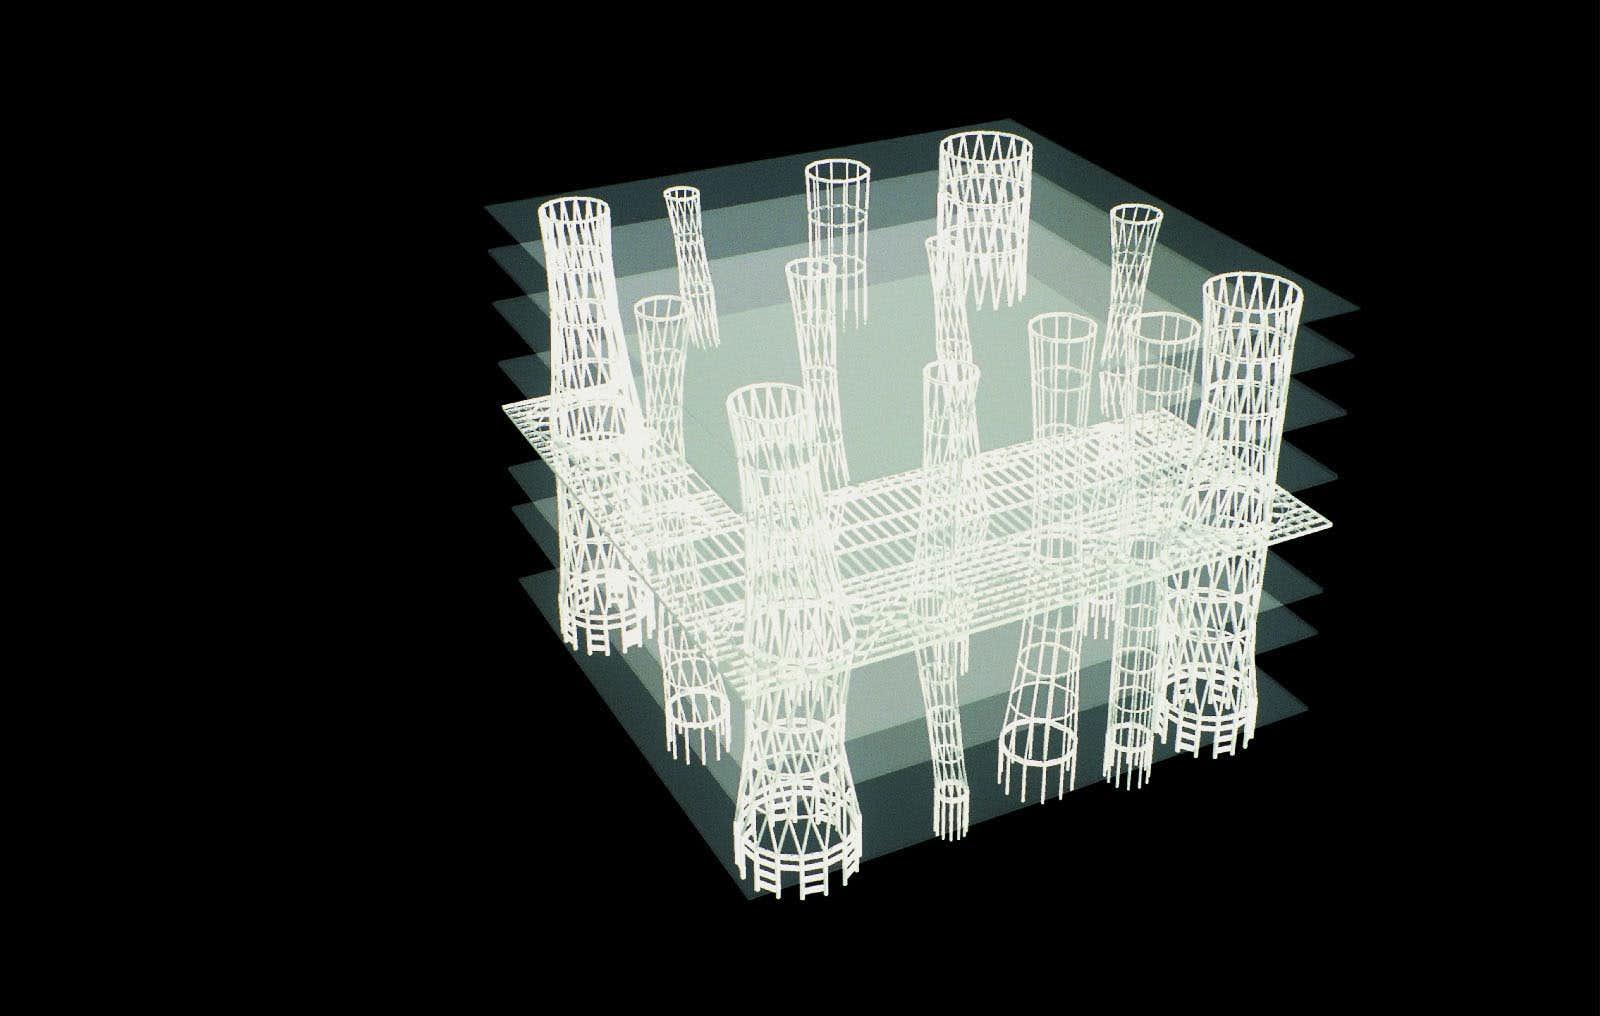 構造展 -構造家のデザインと思考...